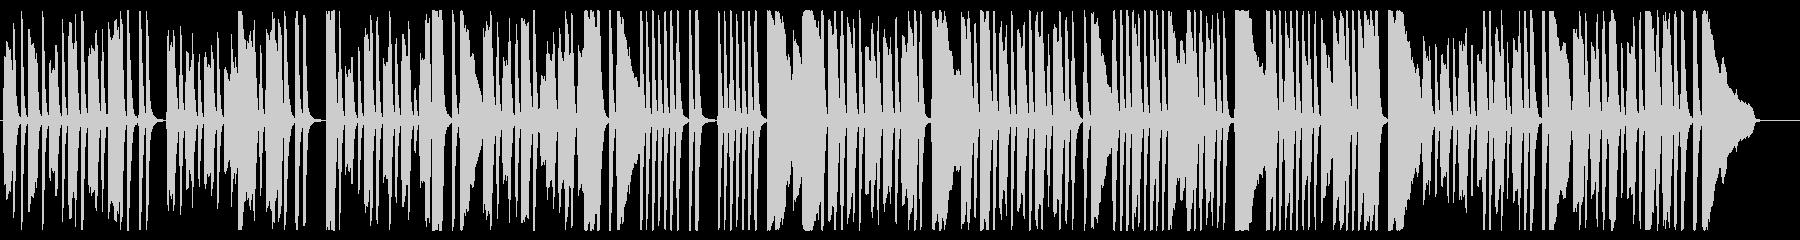 楽しげなピアノワルツの未再生の波形